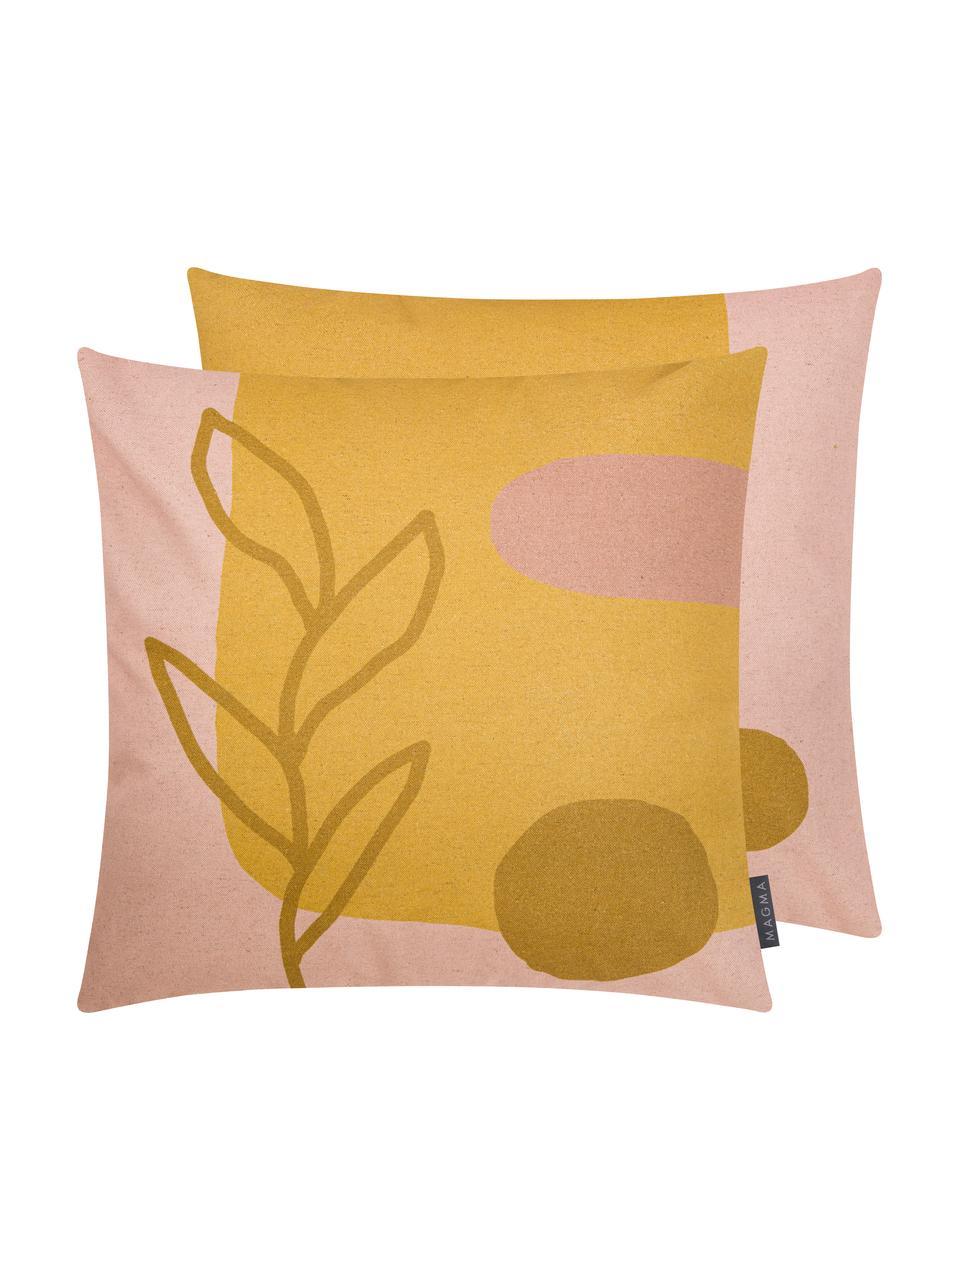 Dubbelzijdige kussenhoes Images met abstract motief, 85% katoen, 15% linnen, Geel, roze, lichtbruin, 50 x 50 cm